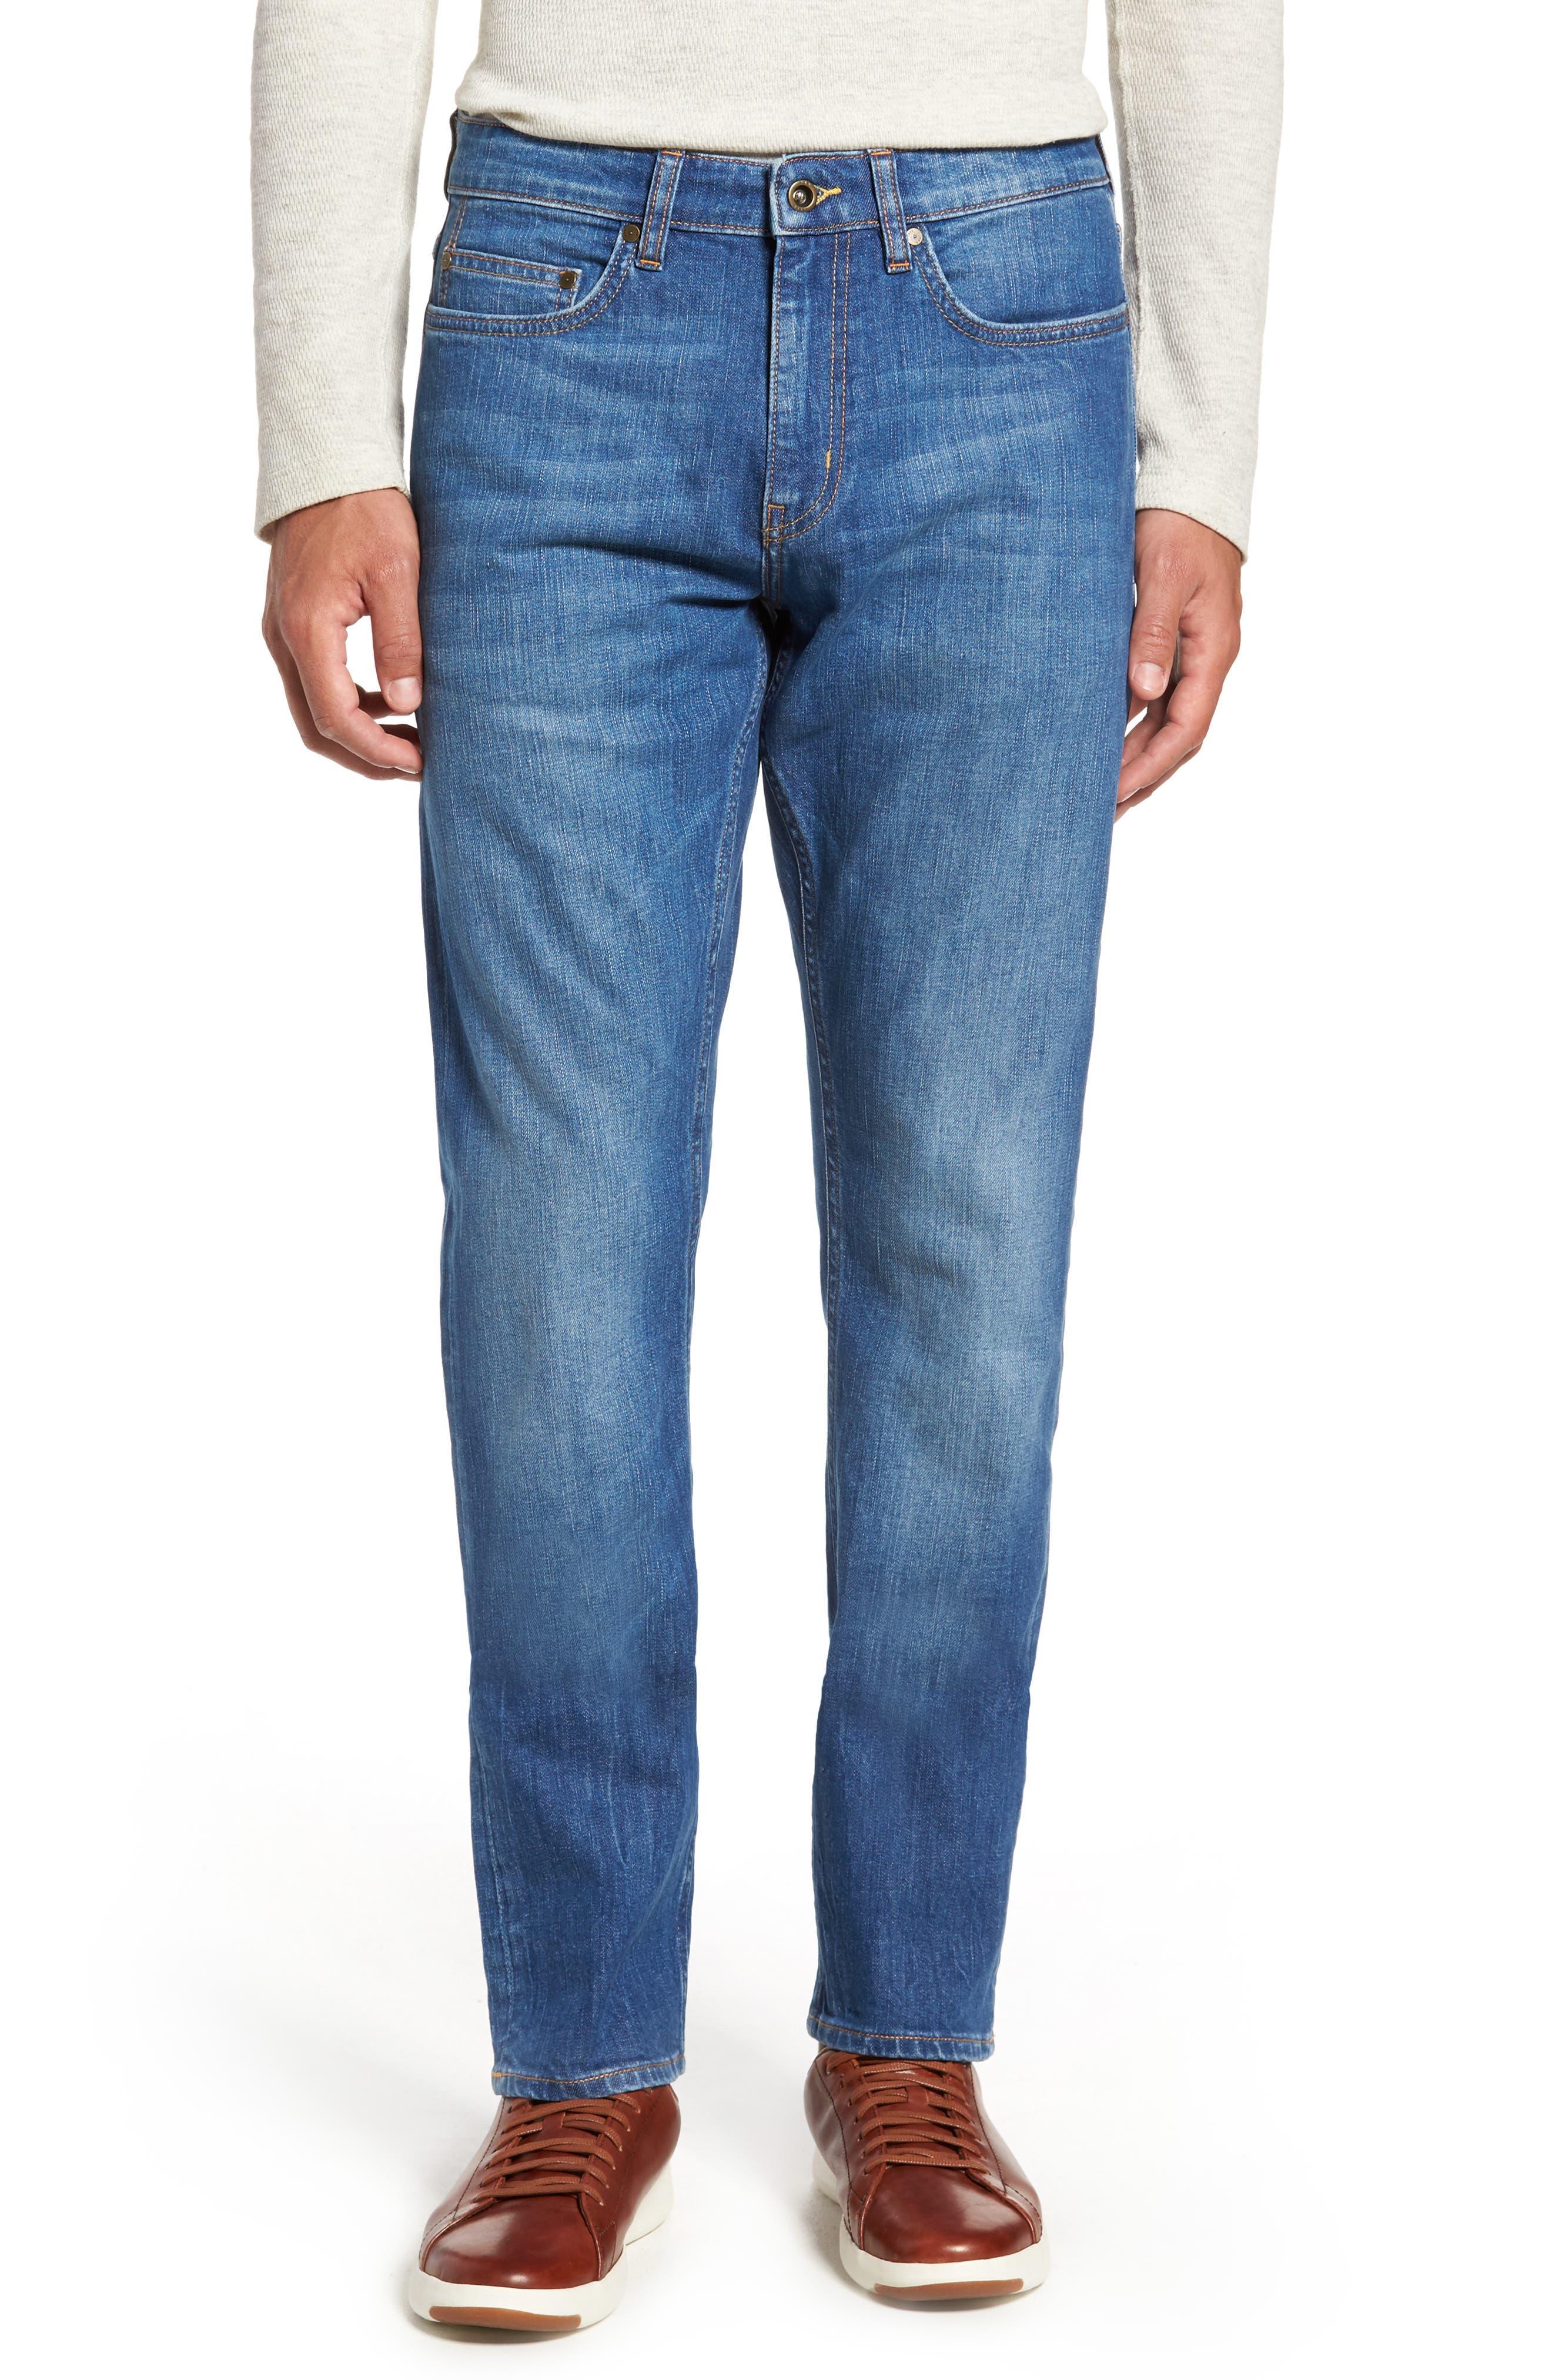 Cranfield Straight Leg Jeans,                             Main thumbnail 1, color,                             420